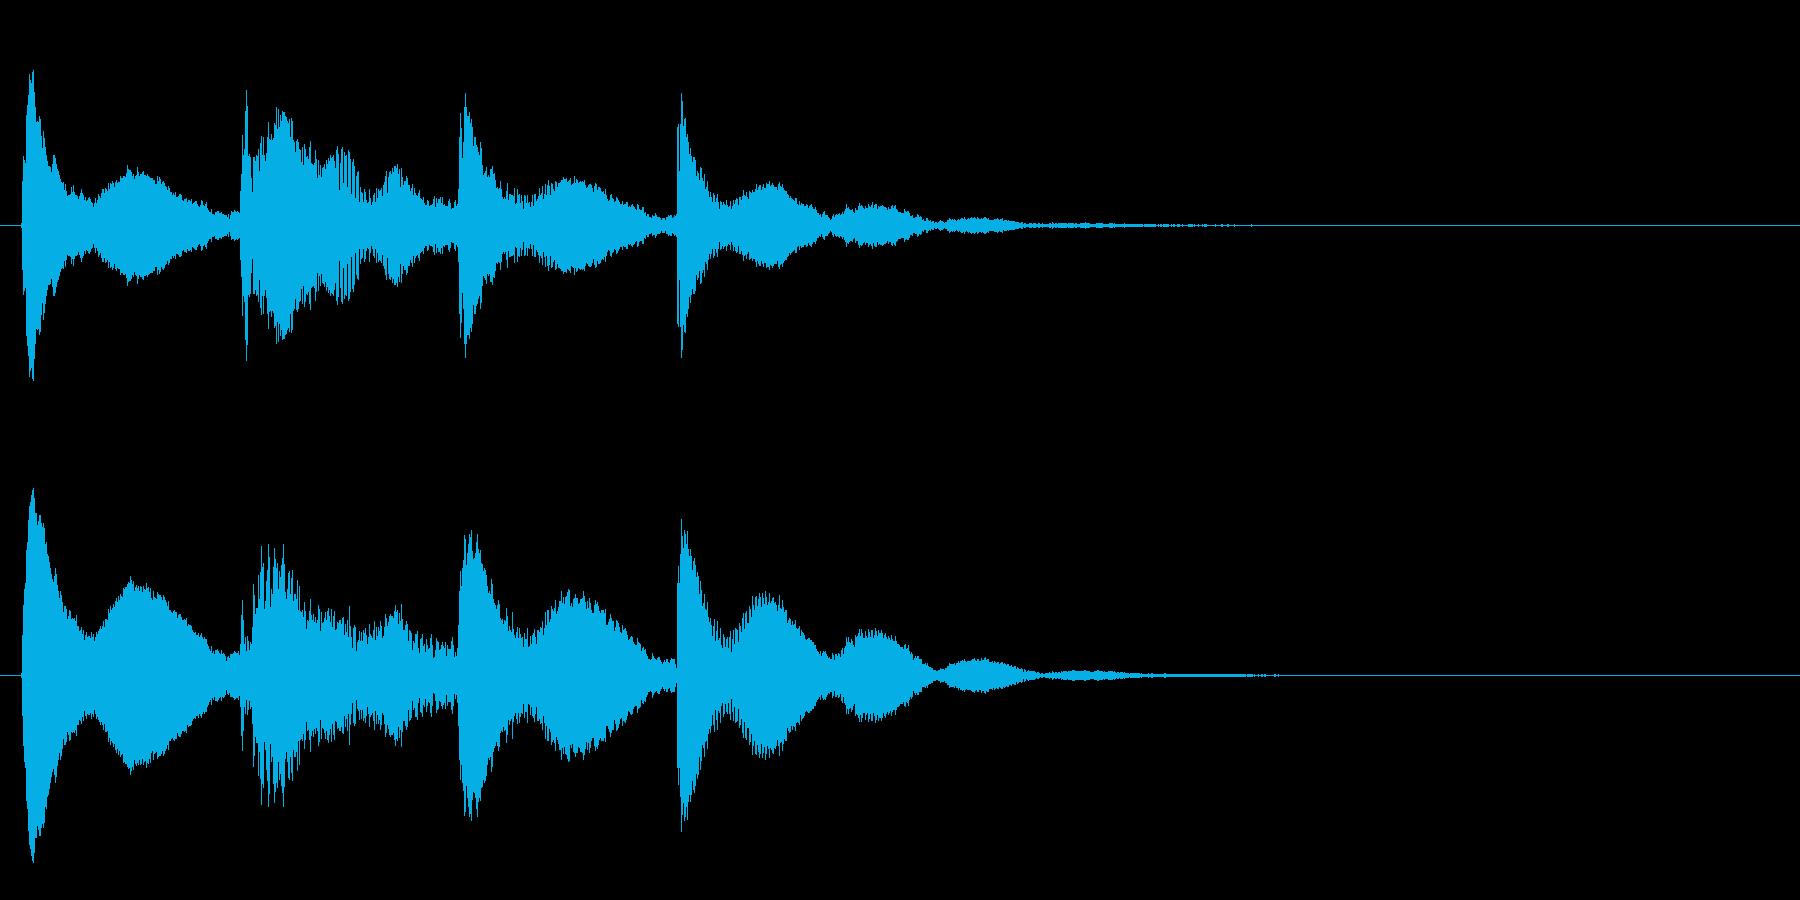 【ティントンティトン】スチールドラムの音の再生済みの波形